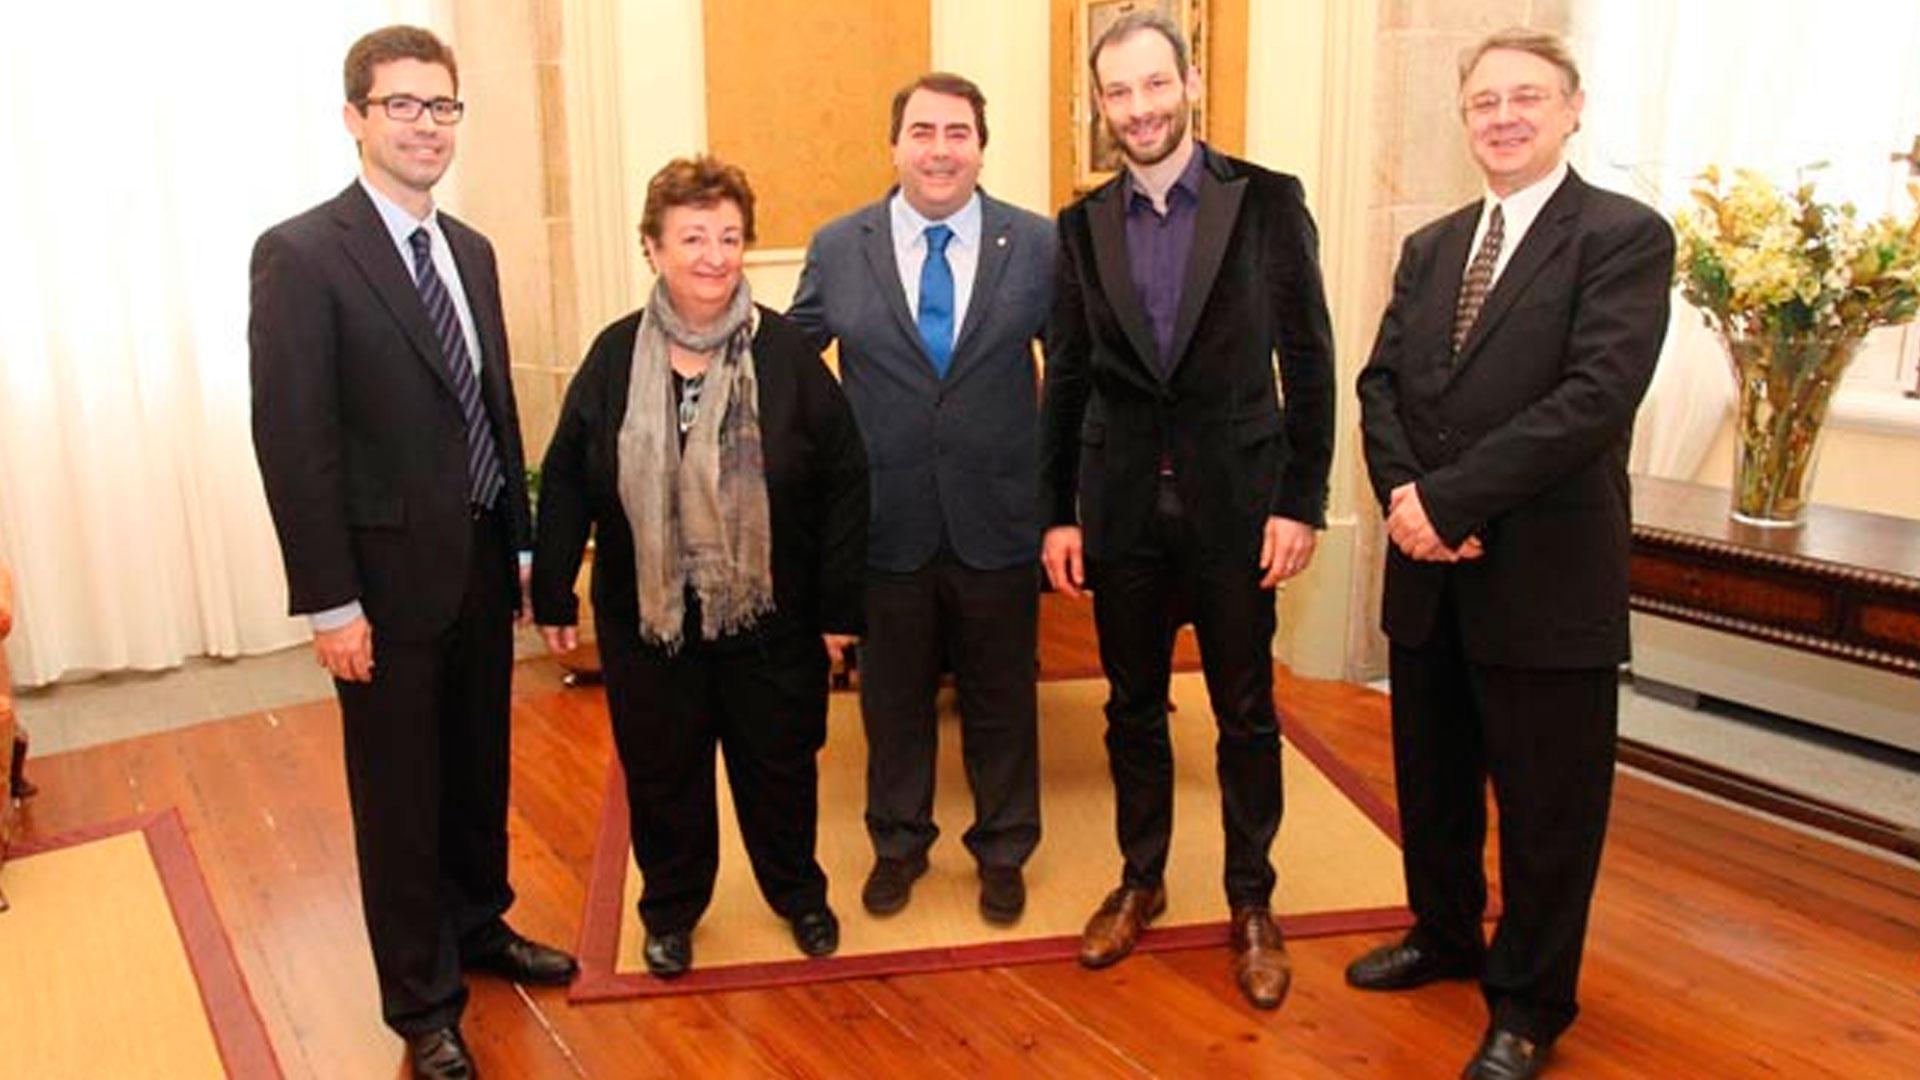 Dima Slobodeniouk renueva por tres años la titularidad de la Sinfónica de Galicia, que anuncia dos conciertos en Abu Dabi (Emiratos Árabes) en 2016 con los que retoma su presencia internacional